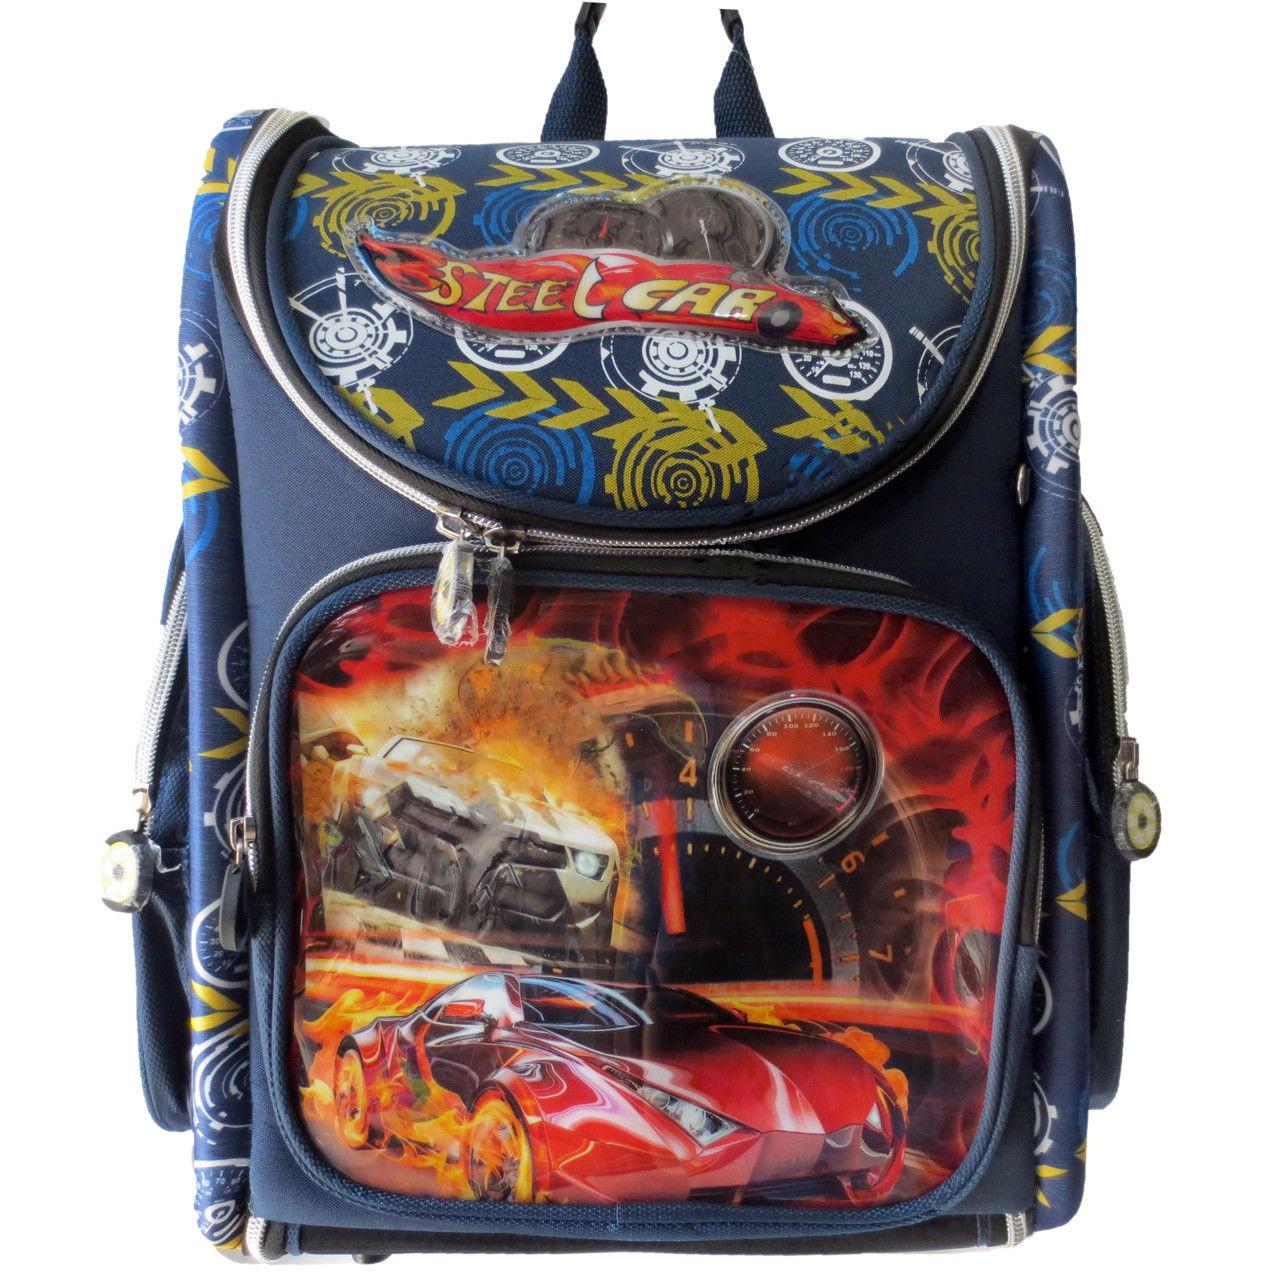 Школьный ранец для мальчиков. Ортопедический. ранец. Трансформер (ранец расстегивается полностью). Код: КДН556